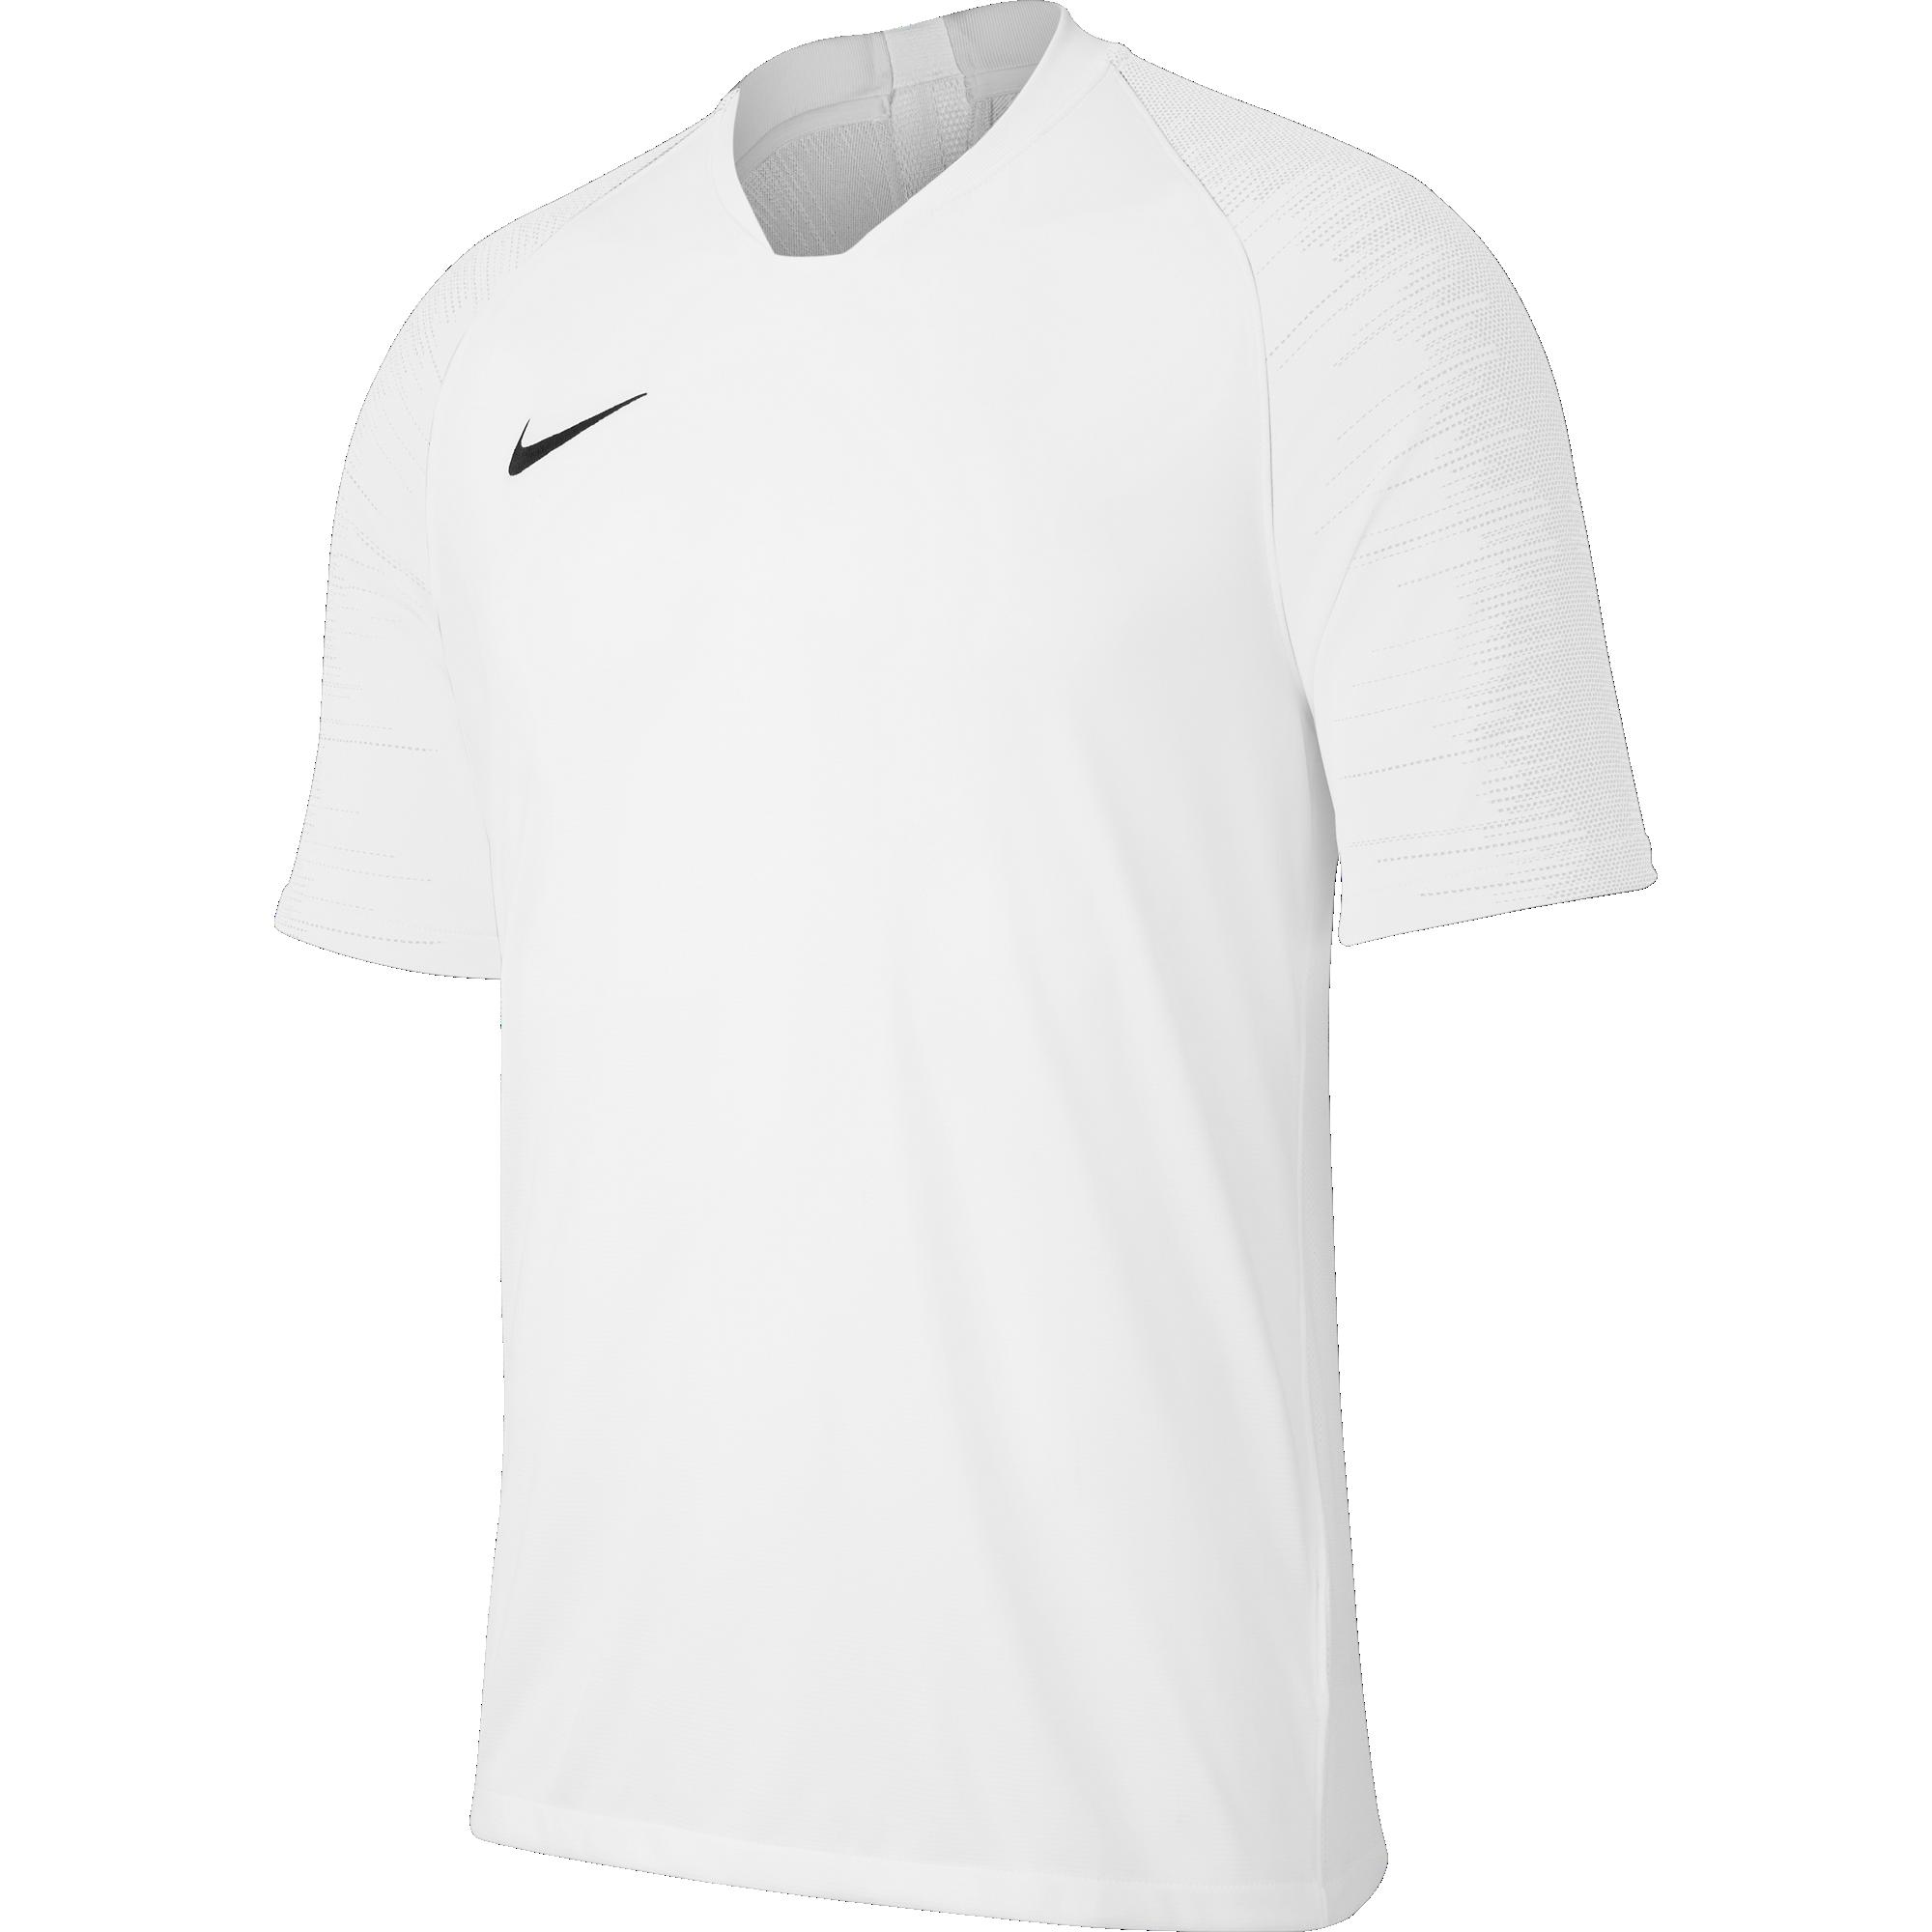 nike strike jersey white  24133 p